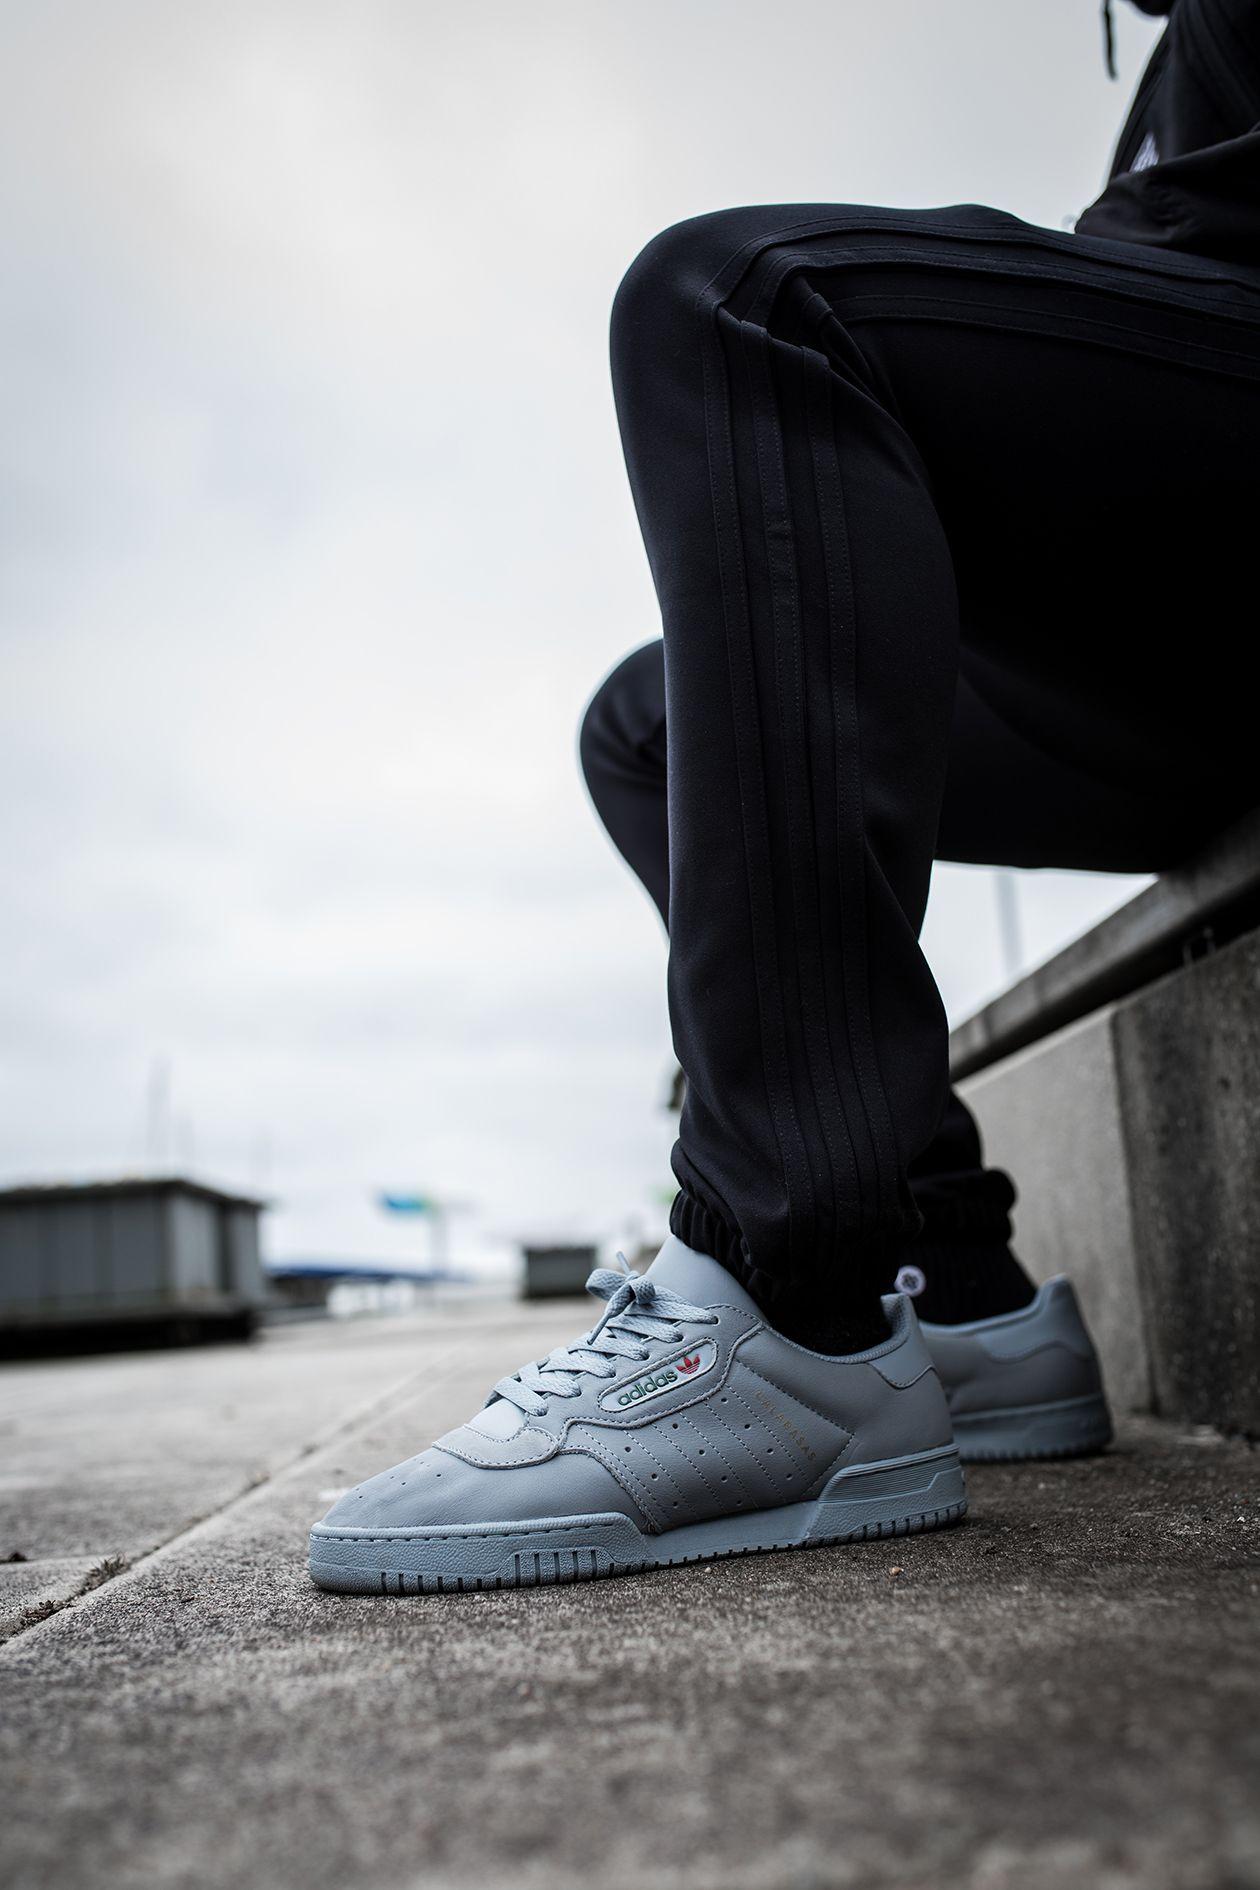 Adidas Yeezy Powerphase Calabasas Grey - CG6422  e33637231